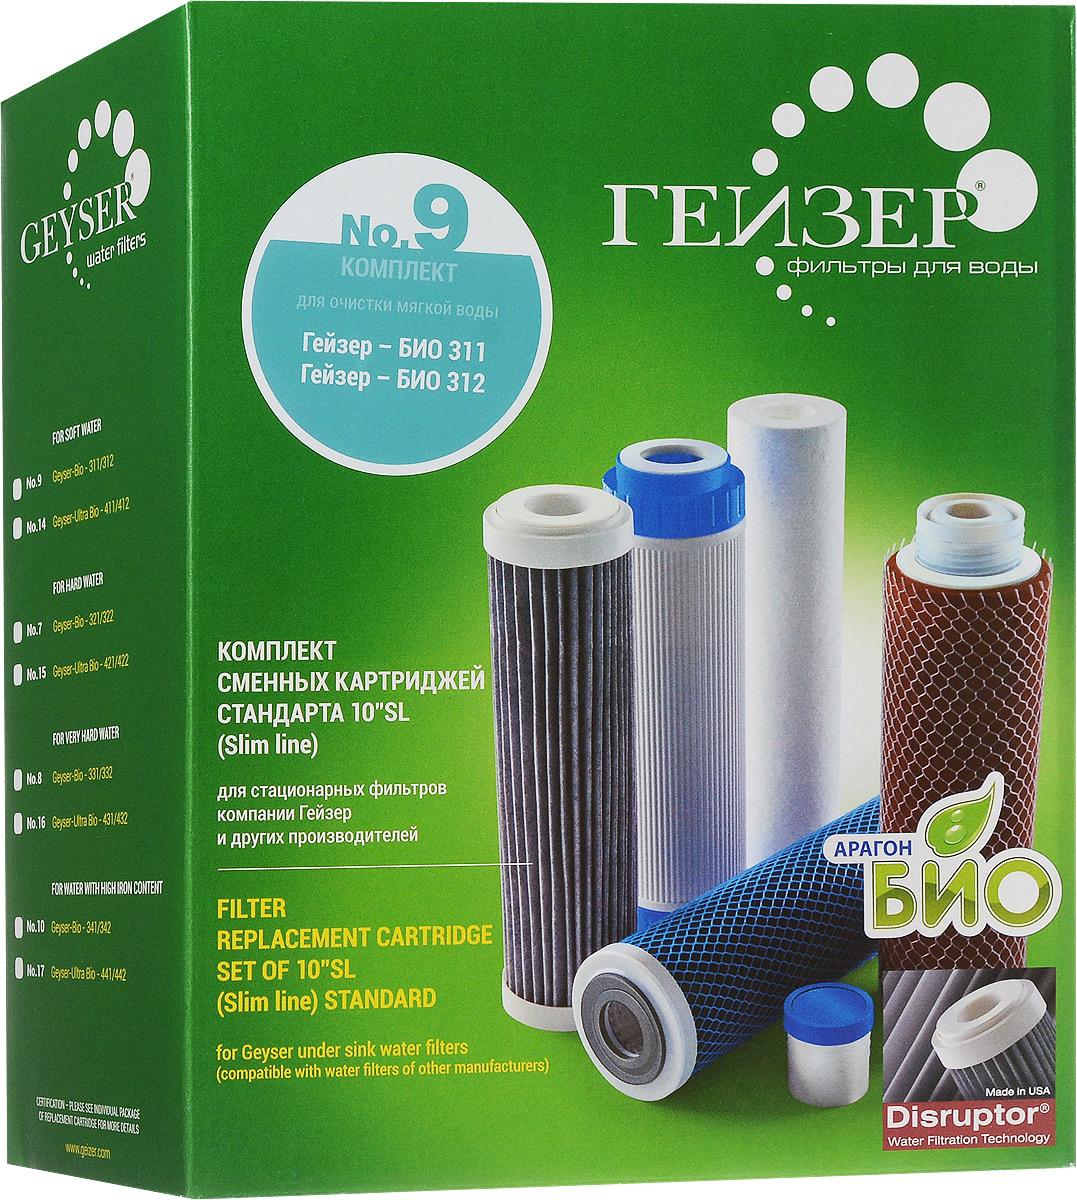 Комплект картриджей Гейзер №9 для фильтров Гейзер Био50037Комплект №9 предназначен для замены исчерпавших свой ресурс картриджей в стационарных трехступенчатых фильтрах для мягкой воды. Признаки мягкой воды: плохо смывается мыло и шампунь, коррозия сантехники. Для получения качественной питьевой воды необходимо очистить ей от нерастворимых частиц, вредных химических соединений и микроорганизмов и улучшить её вкусовые качества. Входящий в комплект картридж Арагон-М позволяет равномерно распределять нагрузку по всем ступеням системы. Это позволяет использовать для доочистки и кондиционирования высококачественные активированные угли. Используется в системе Гейзер: Био 311 Био 312 Так же совместим с другими трехступенчатыми системами Гейзер и системами других производителей стандарт 10SL (Slim Line). Состав комплекта №9: 1-я ступень (картридж PP 5 мкр.). Ресурс 20000 литров. 2-я ступень (картридж Арагон М Био). Ресурс 7000 литров. 3-я ступень (картридж ММВ). Ресурс 10000...